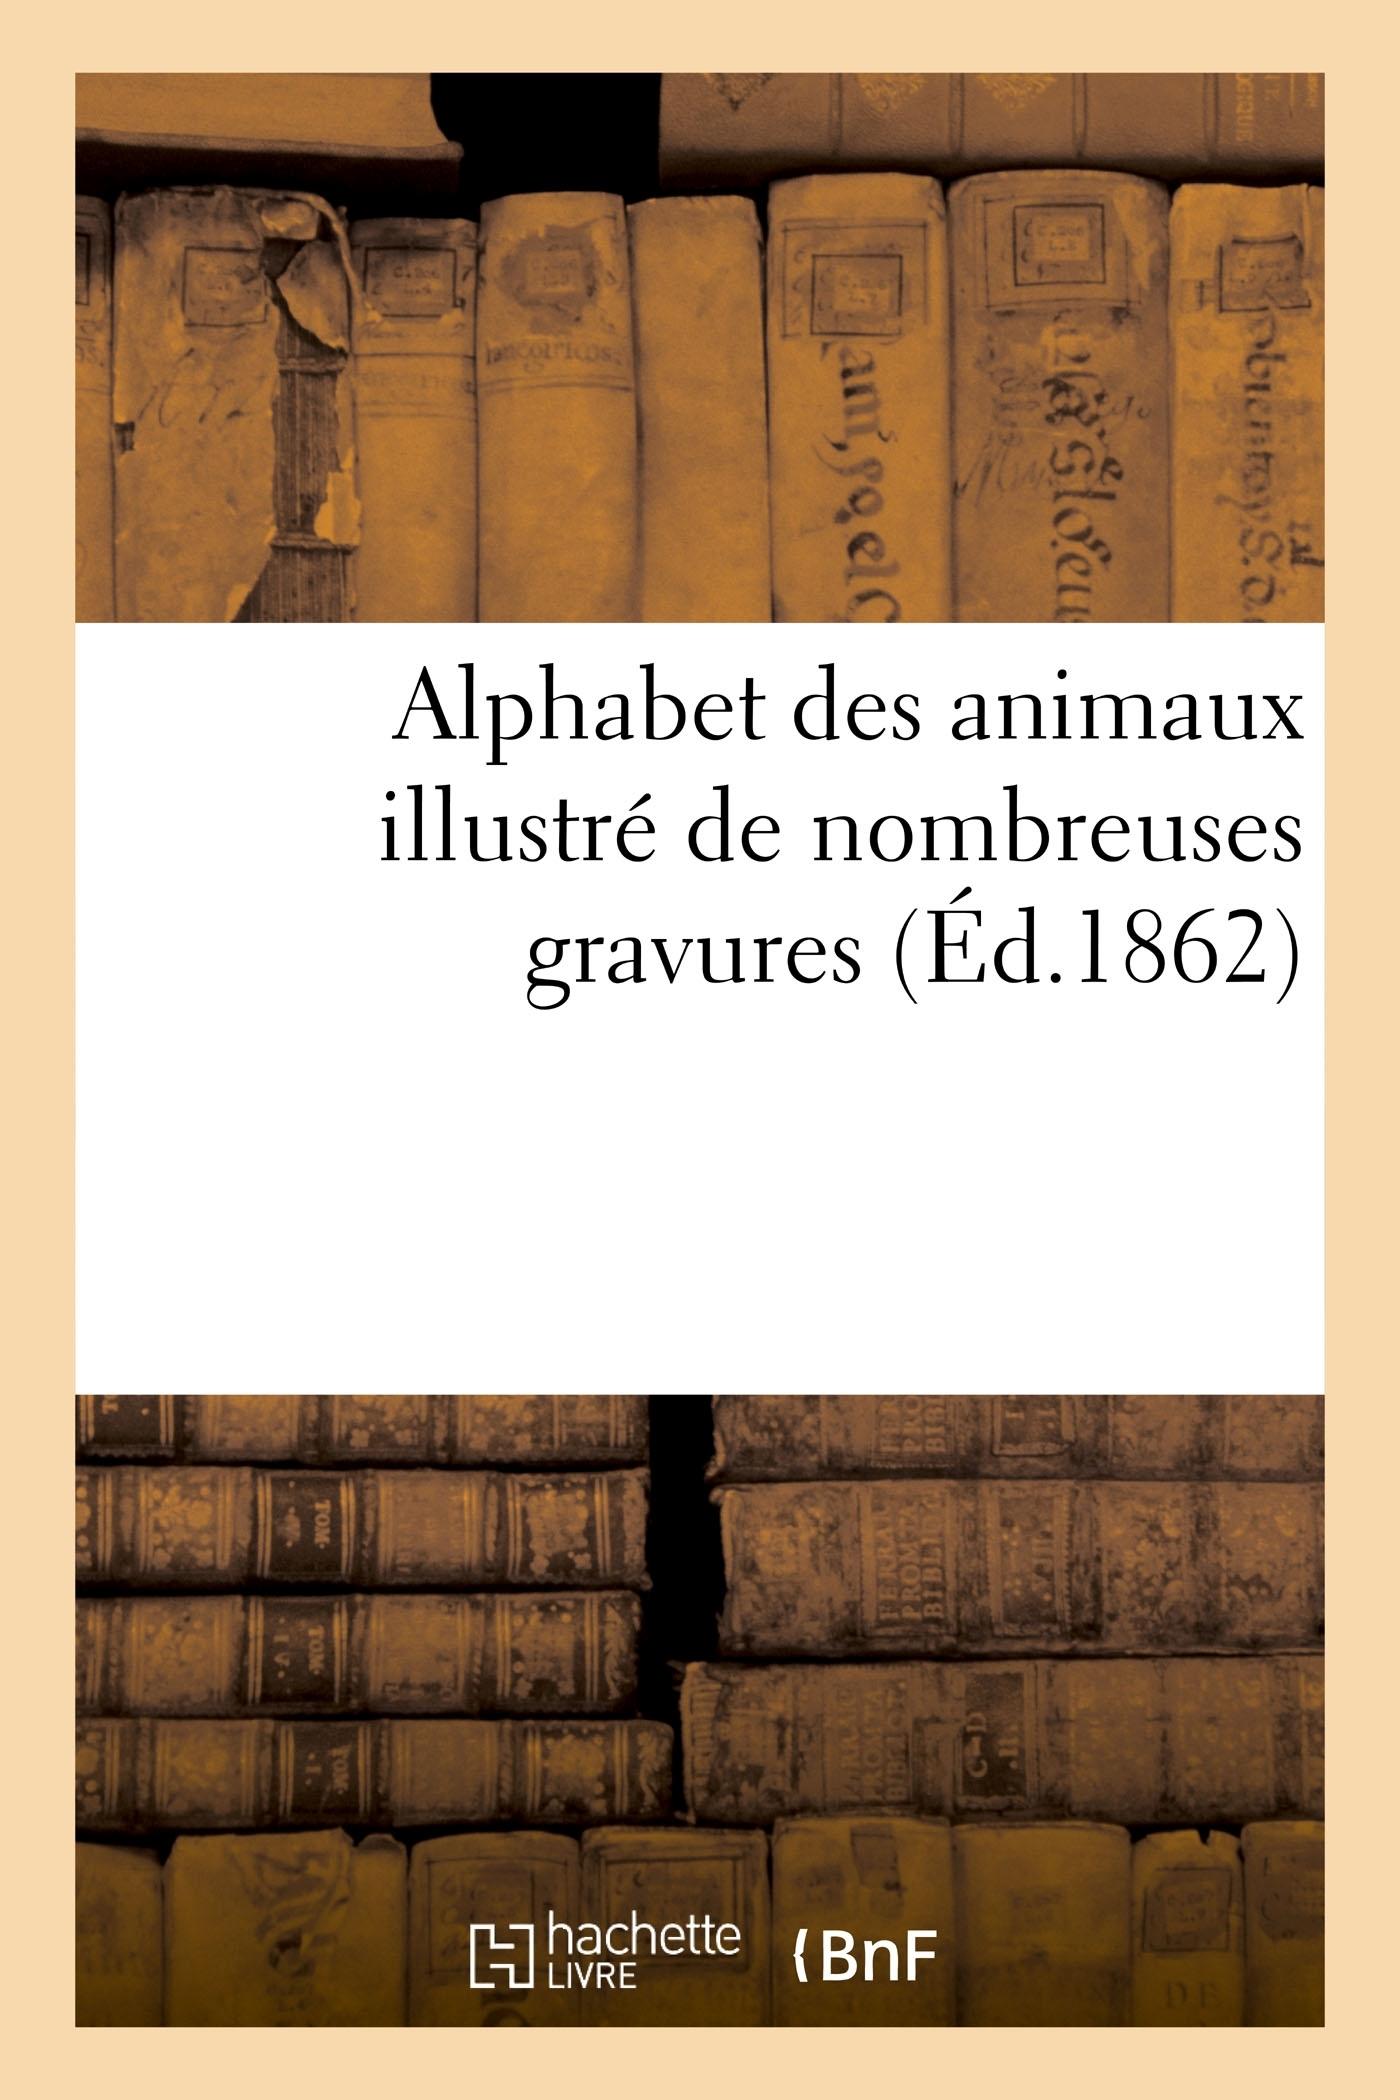 ALPHABET DES ANIMAUX ILLUSTRE DE NOMBREUSES GRAVURES